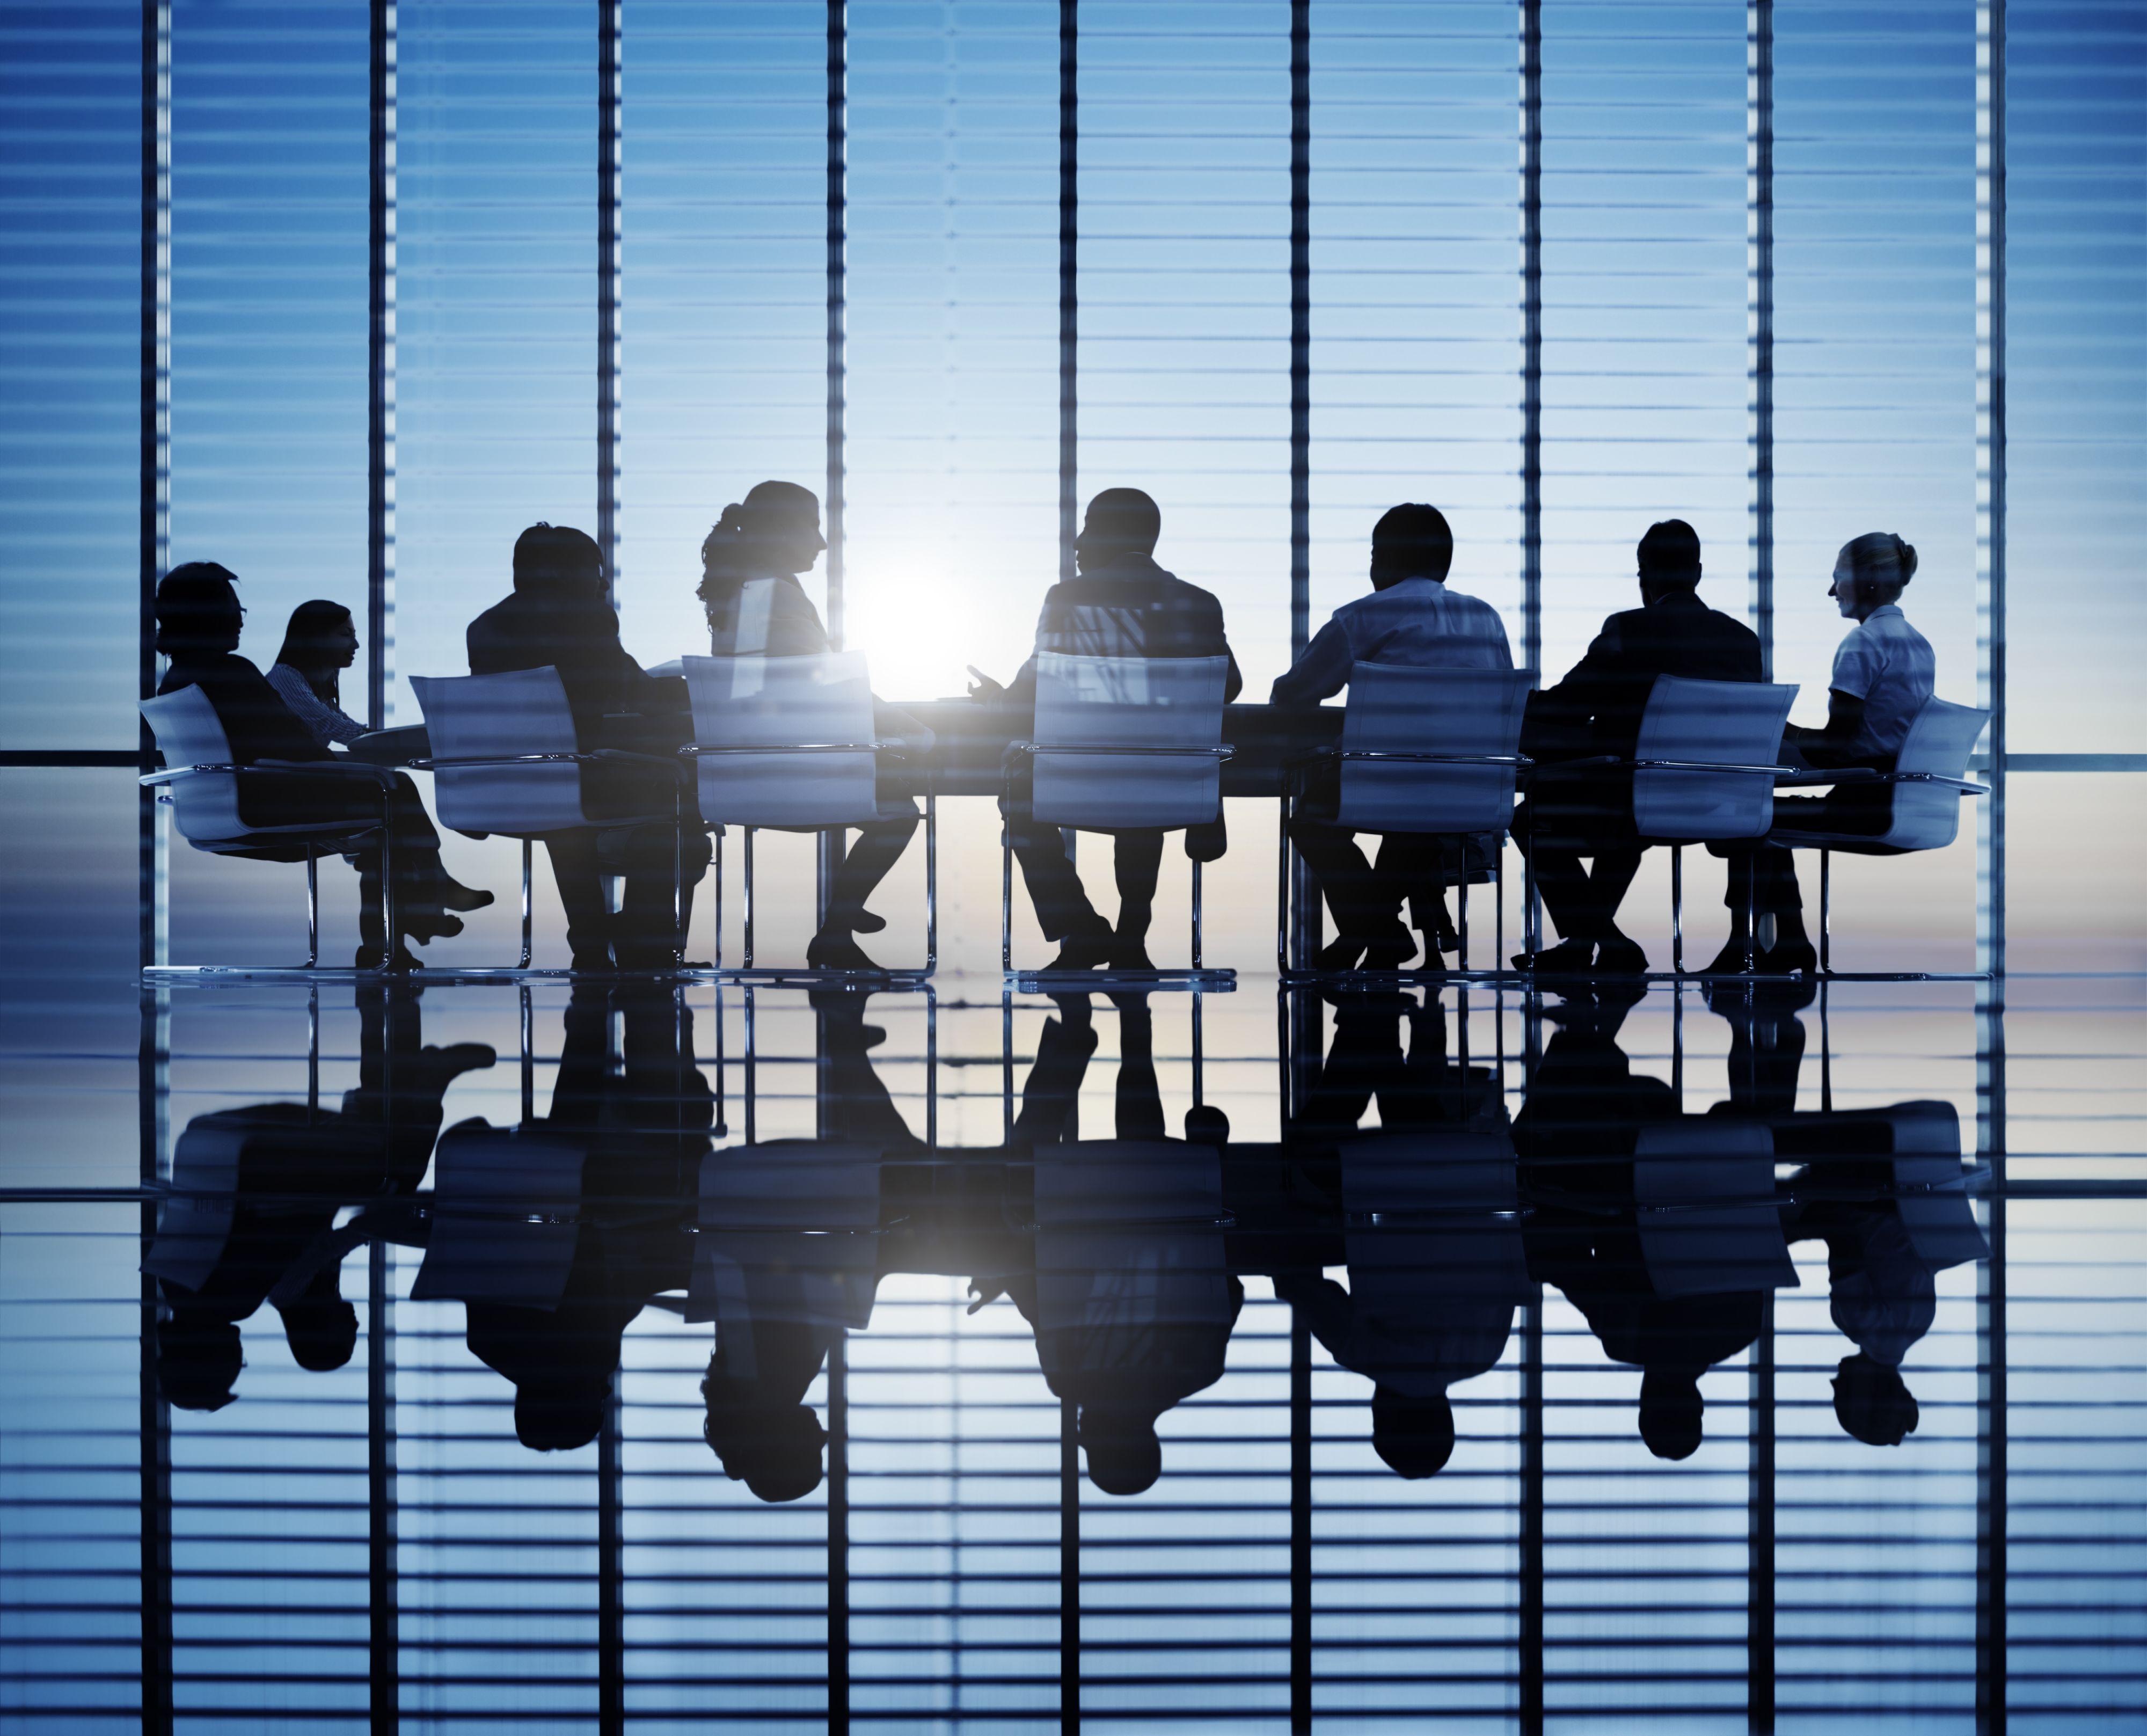 Firmy, w których kadra kierownicza regularnie angażuje się w długoterminową współpracę, mają o jedną trzecią większe szanse wzrostu w tempie dziesięcioprocentowym niż firmy, w których kadra kierownicza działa niezależnie (Fot. Shutterstock)